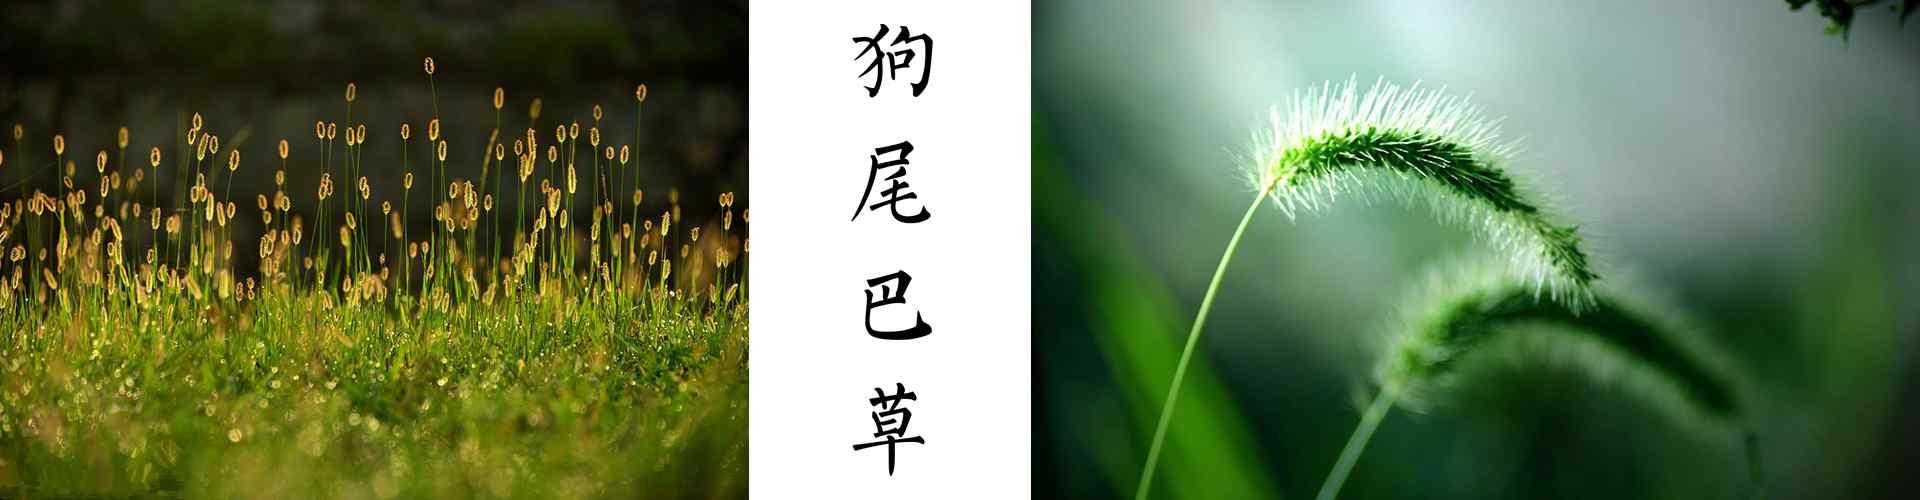 狗尾(wei)巴tong)狗尾(wei)巴tong)萃計(ji)唯美(mei)狗尾(wei)巴tong)萃計(ji) 謚鮮花圖ji) 筧植物壁紙